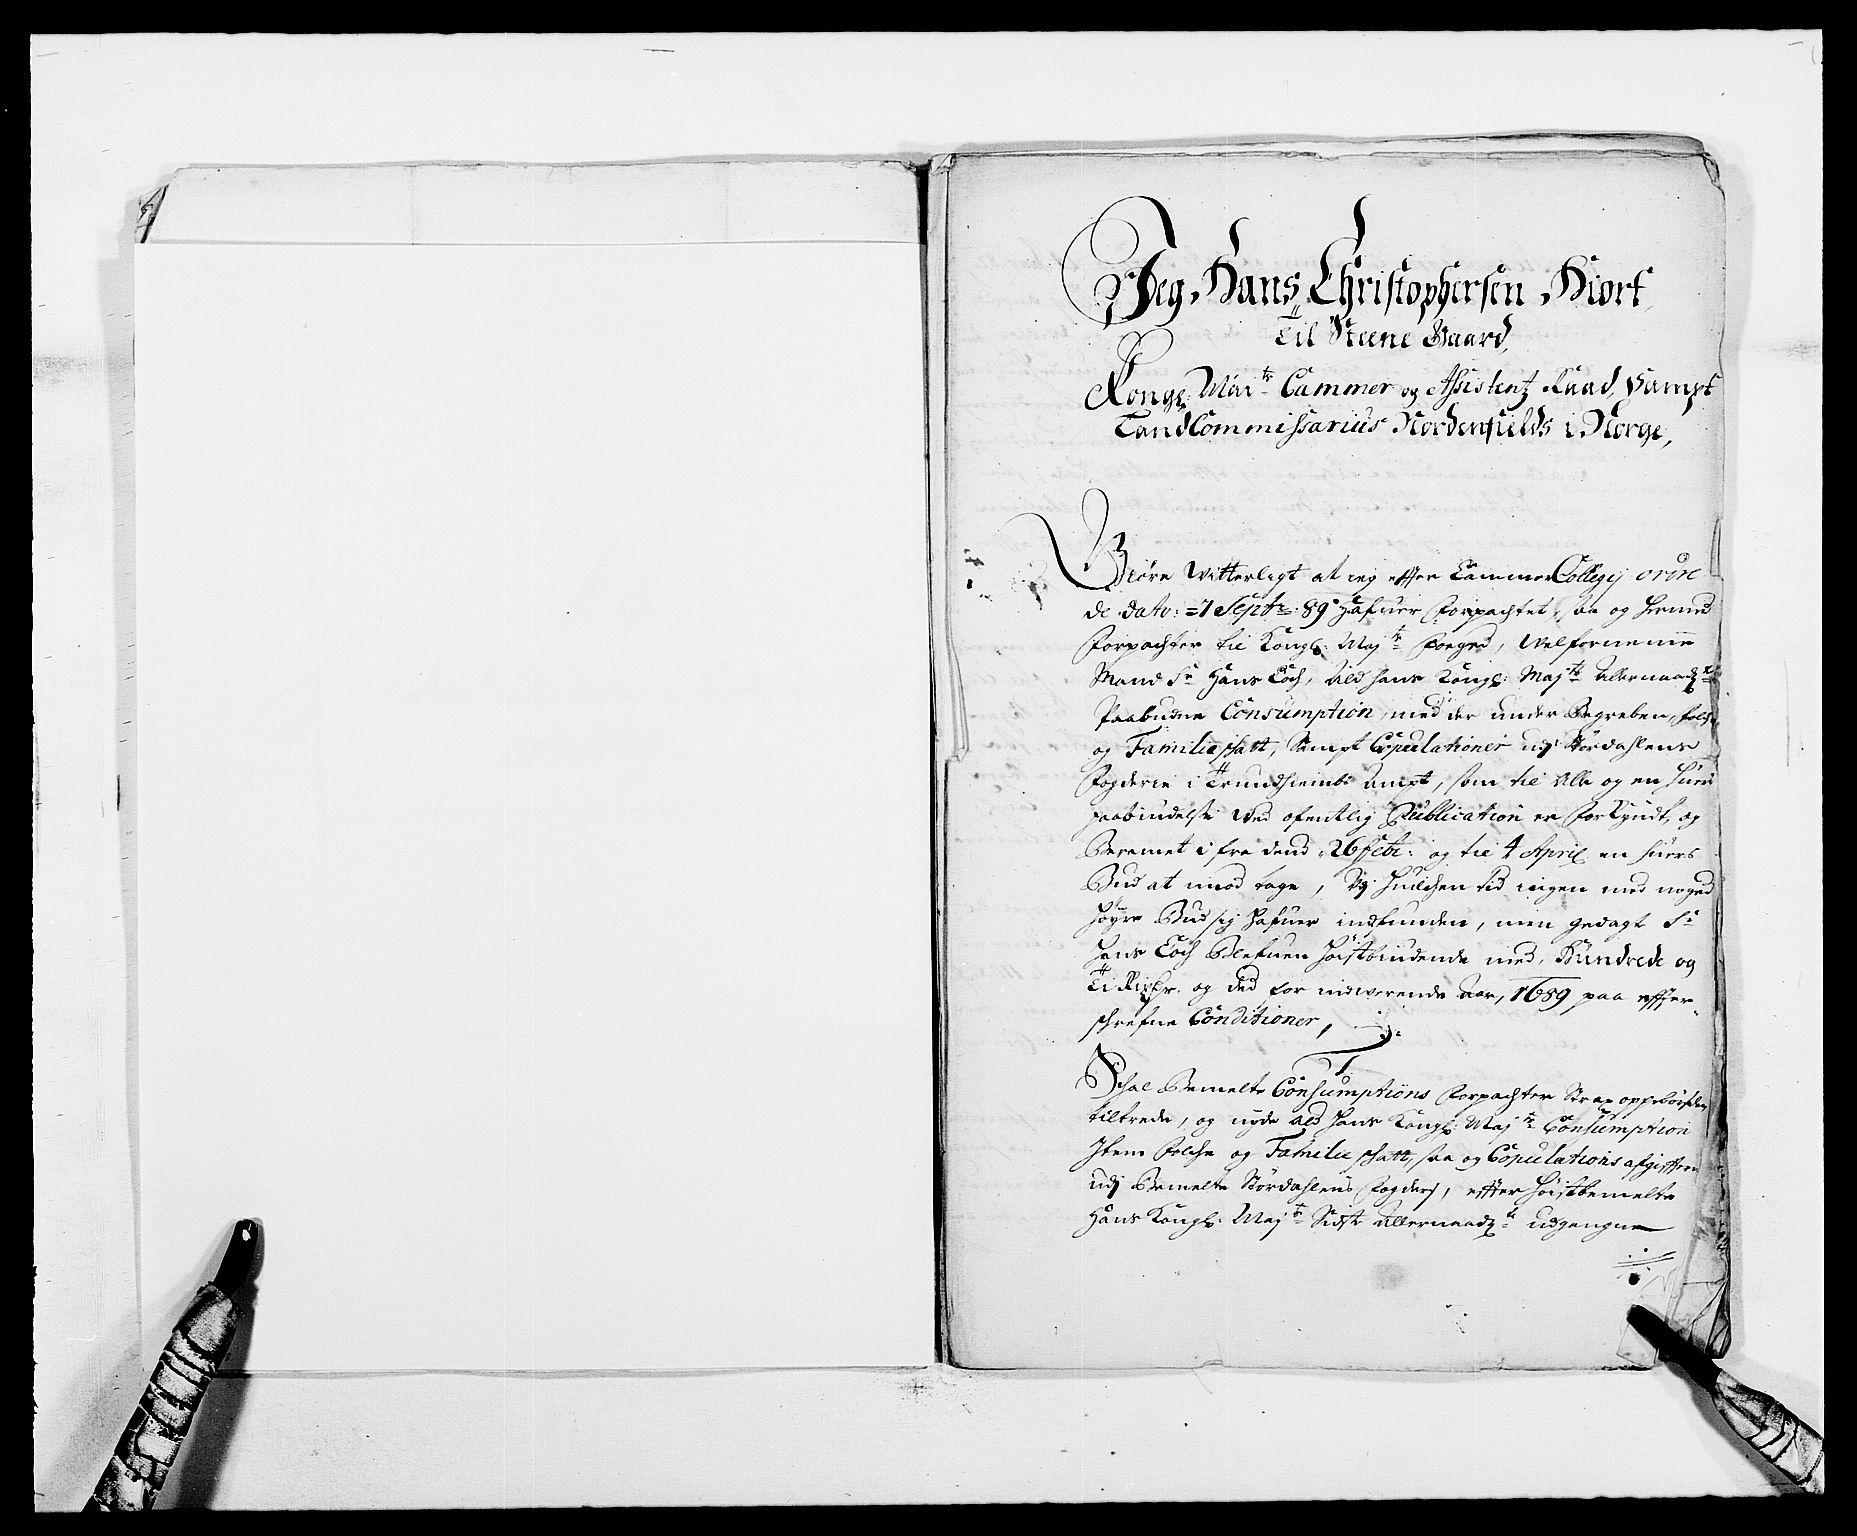 RA, Rentekammeret inntil 1814, Reviderte regnskaper, Fogderegnskap, R62/L4183: Fogderegnskap Stjørdal og Verdal, 1687-1689, s. 357